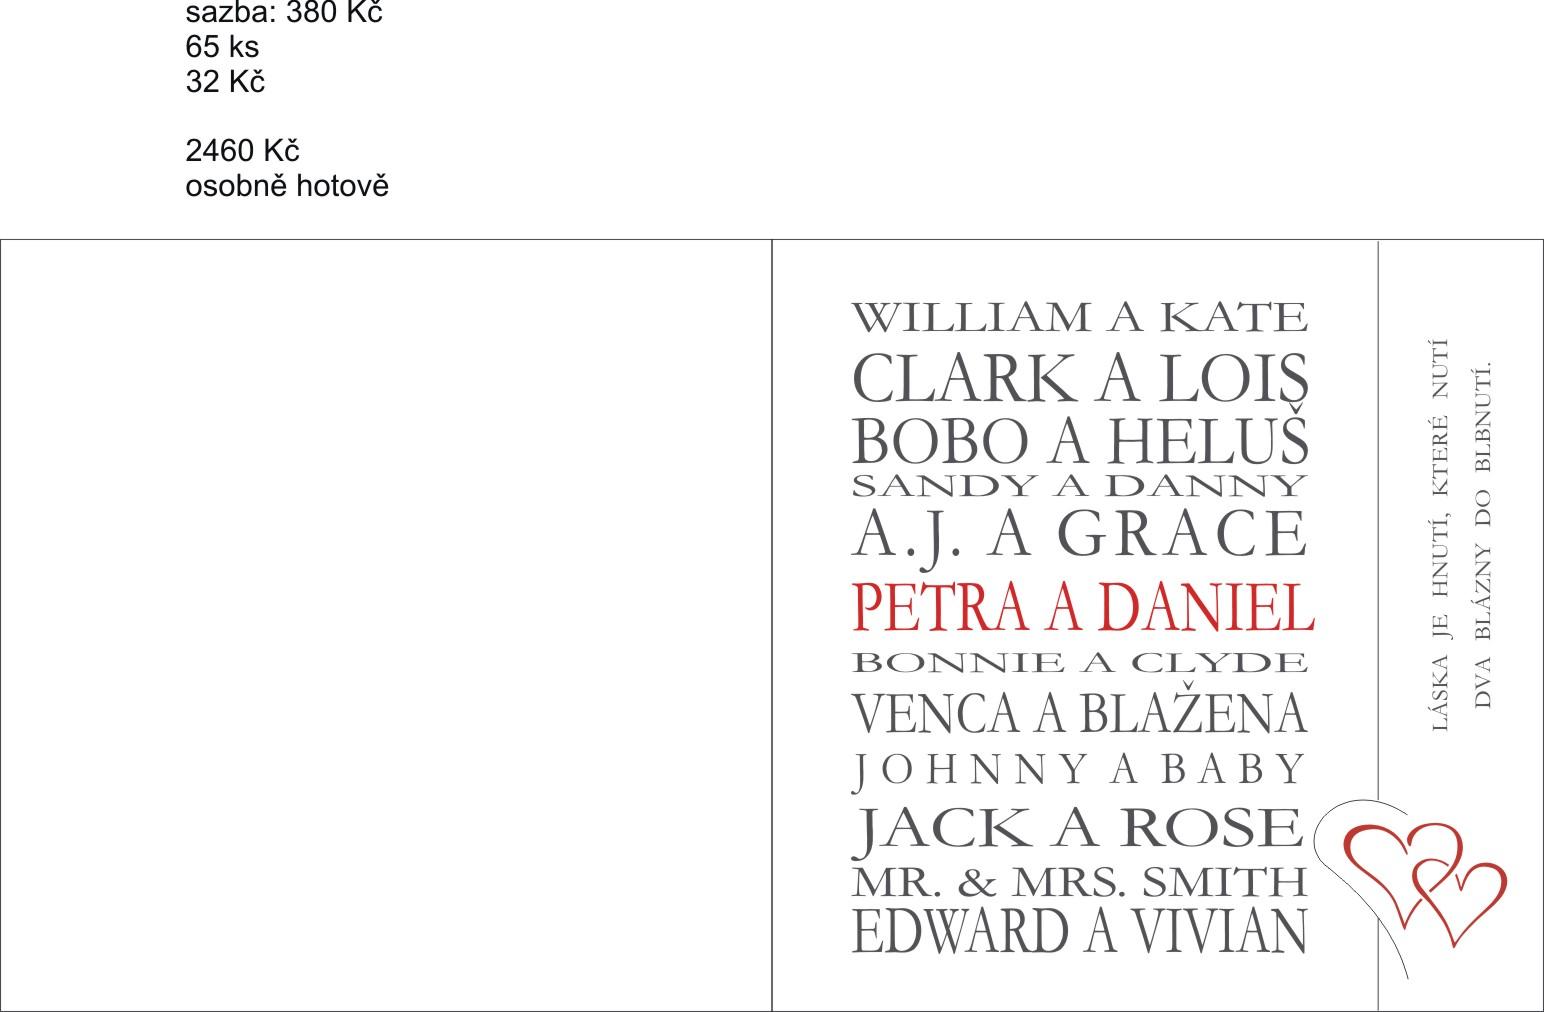 Začínáme se připravovat :-) - Máme - už se tiskne :-) jména slavných párů jsme sestavily sami :-)